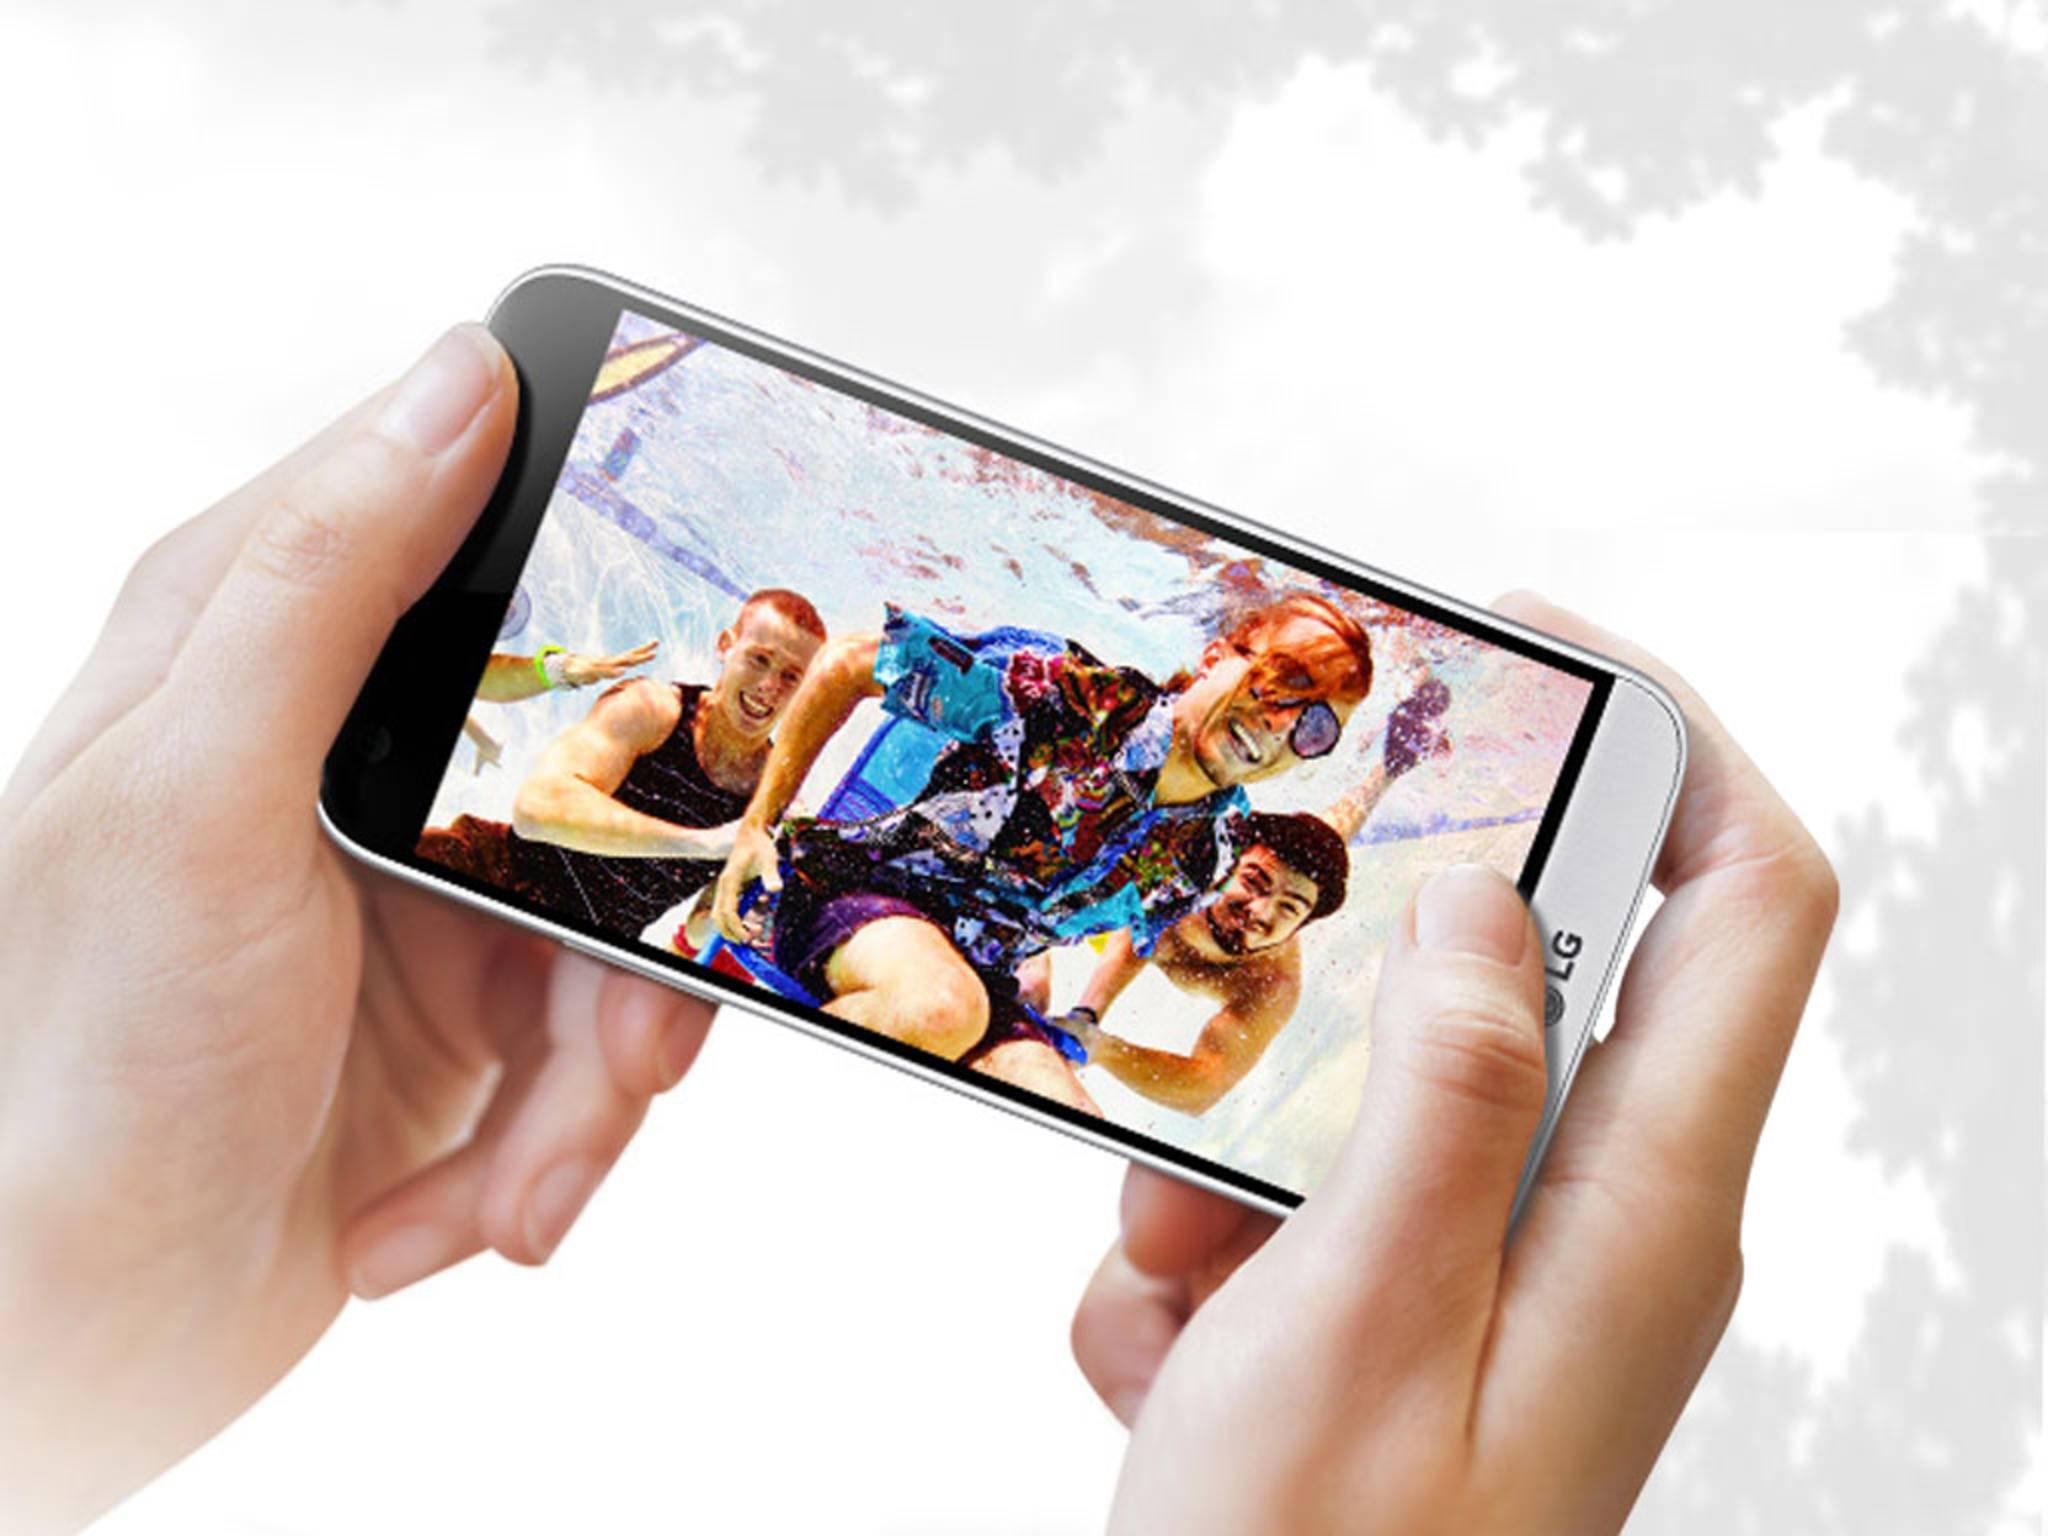 Das LG G5 kann mit Modulen erweitert werden.